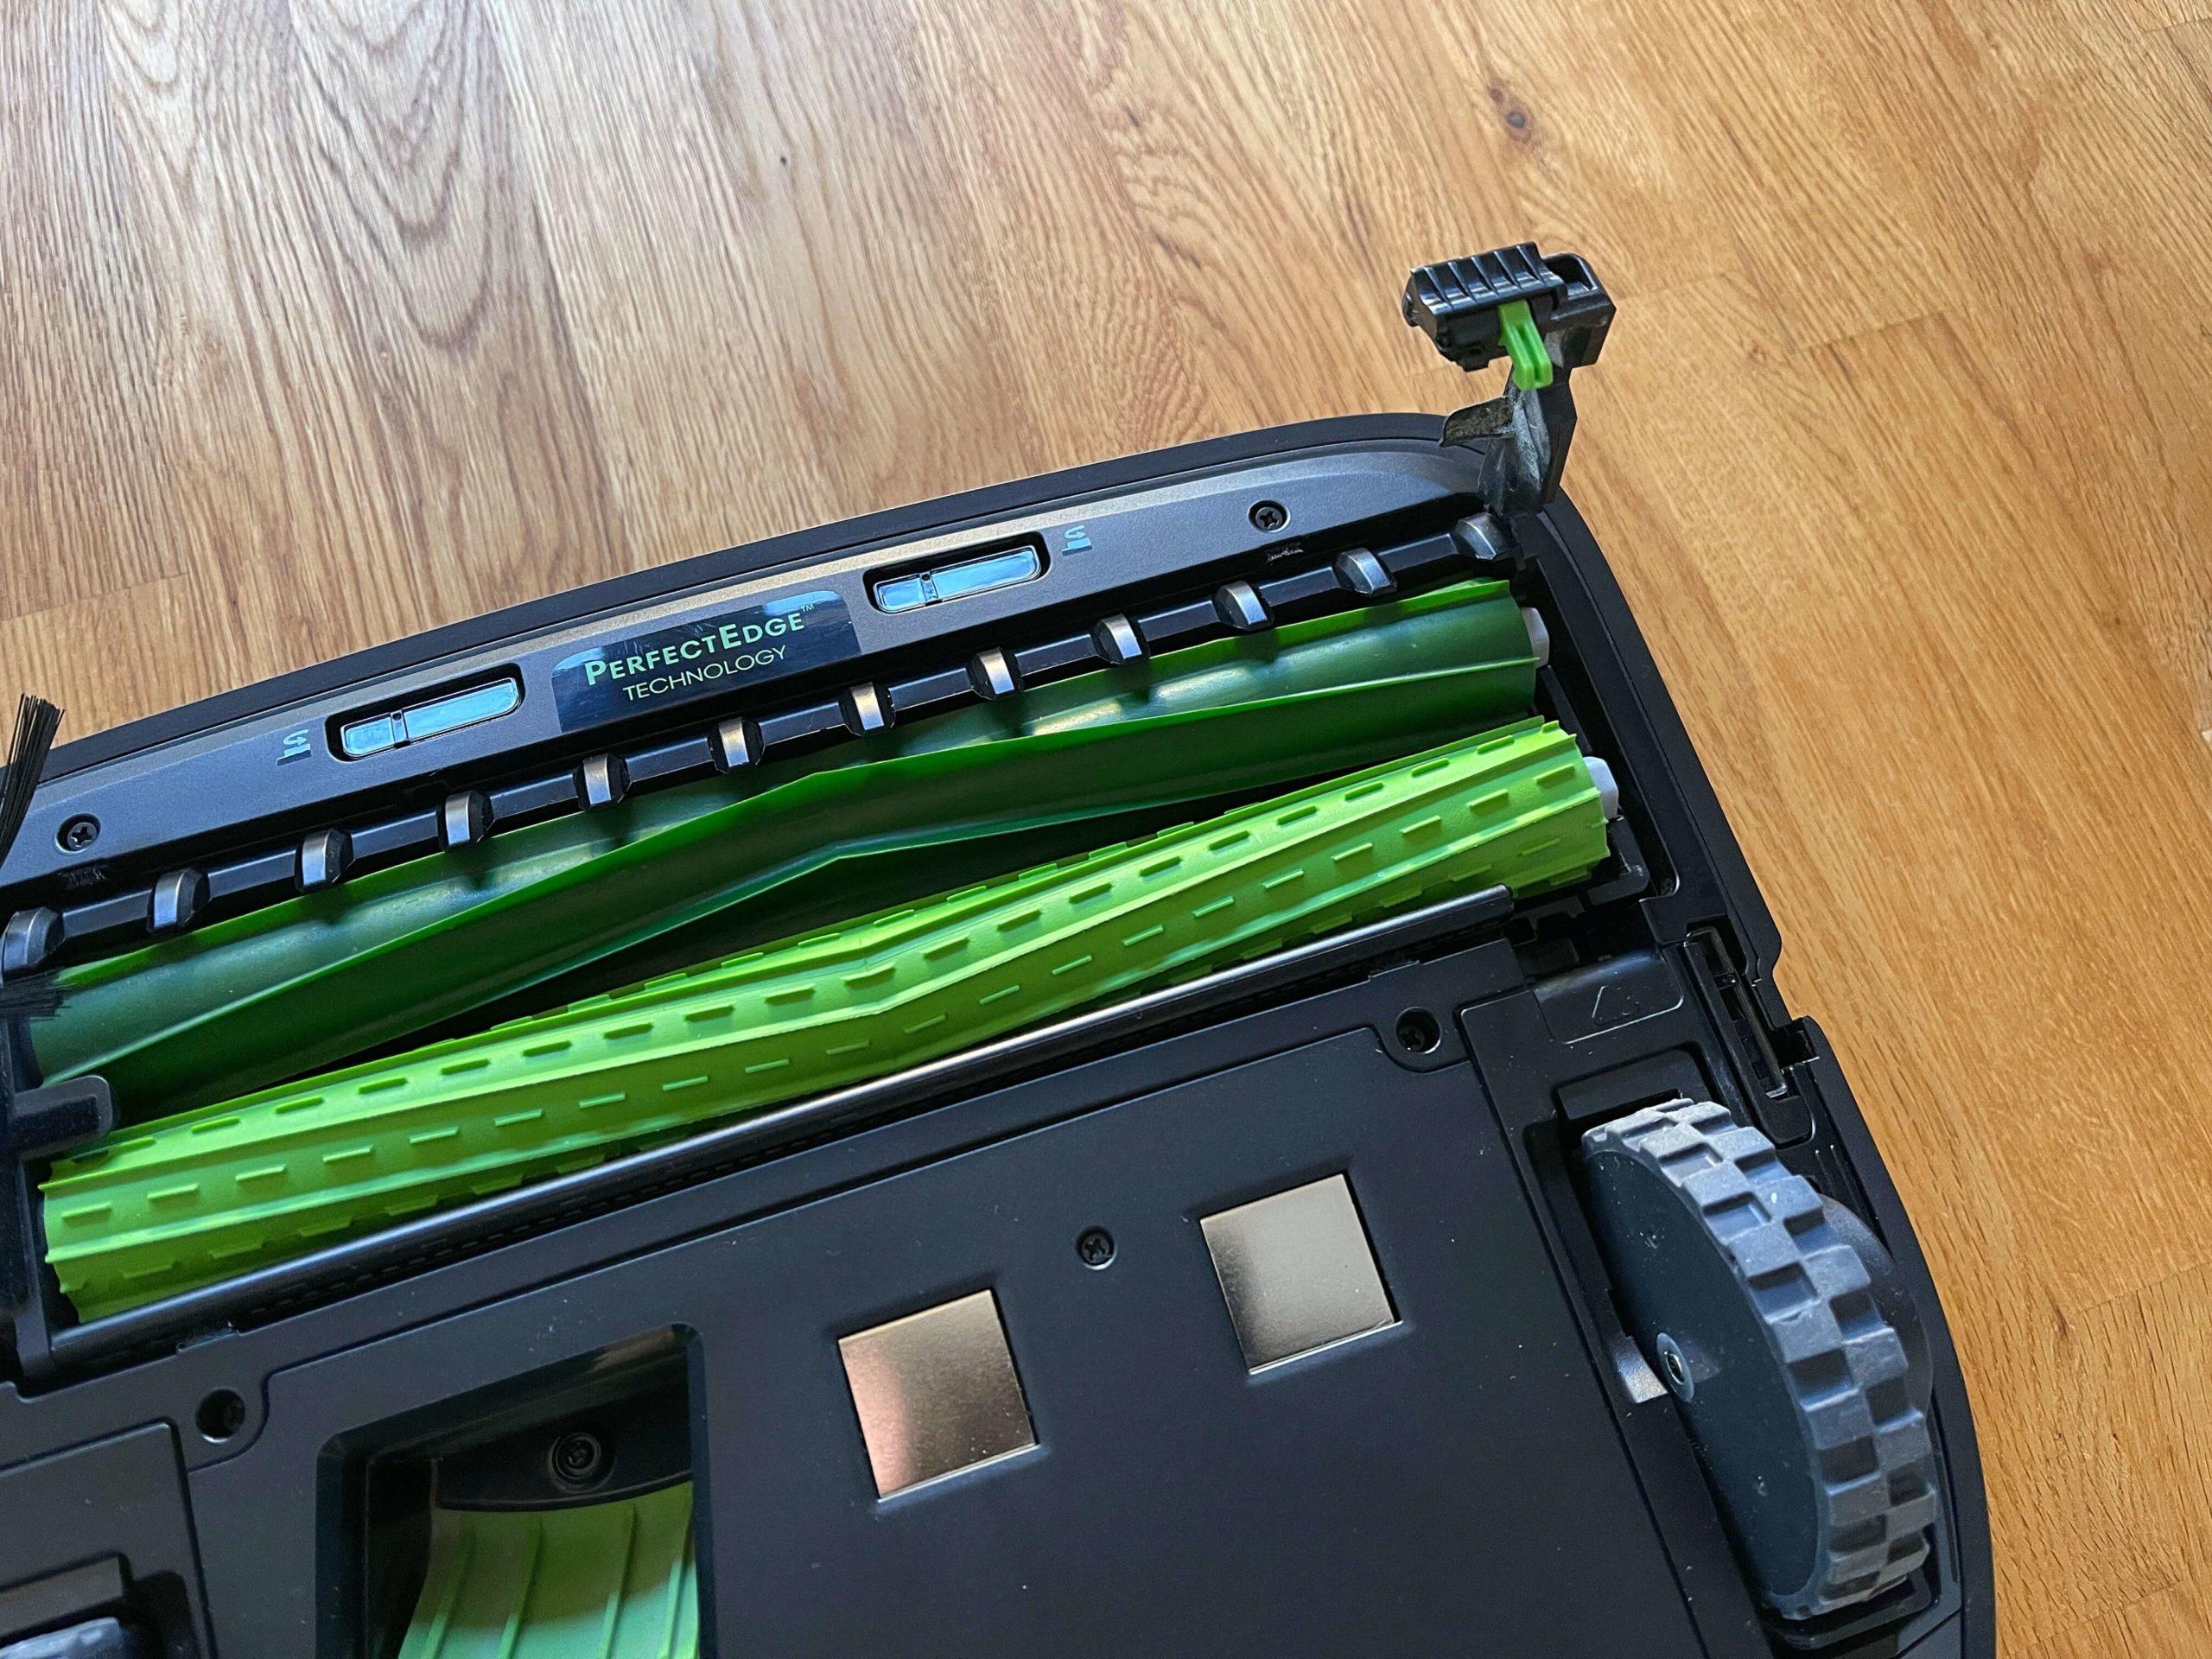 Roomba-s9-von-iRobot-intelligente-Raumreinigung-mit-Lerneffekt6-scaled Roomba s9+ von iRobot - intelligente Raumreinigung mit Lerneffekt